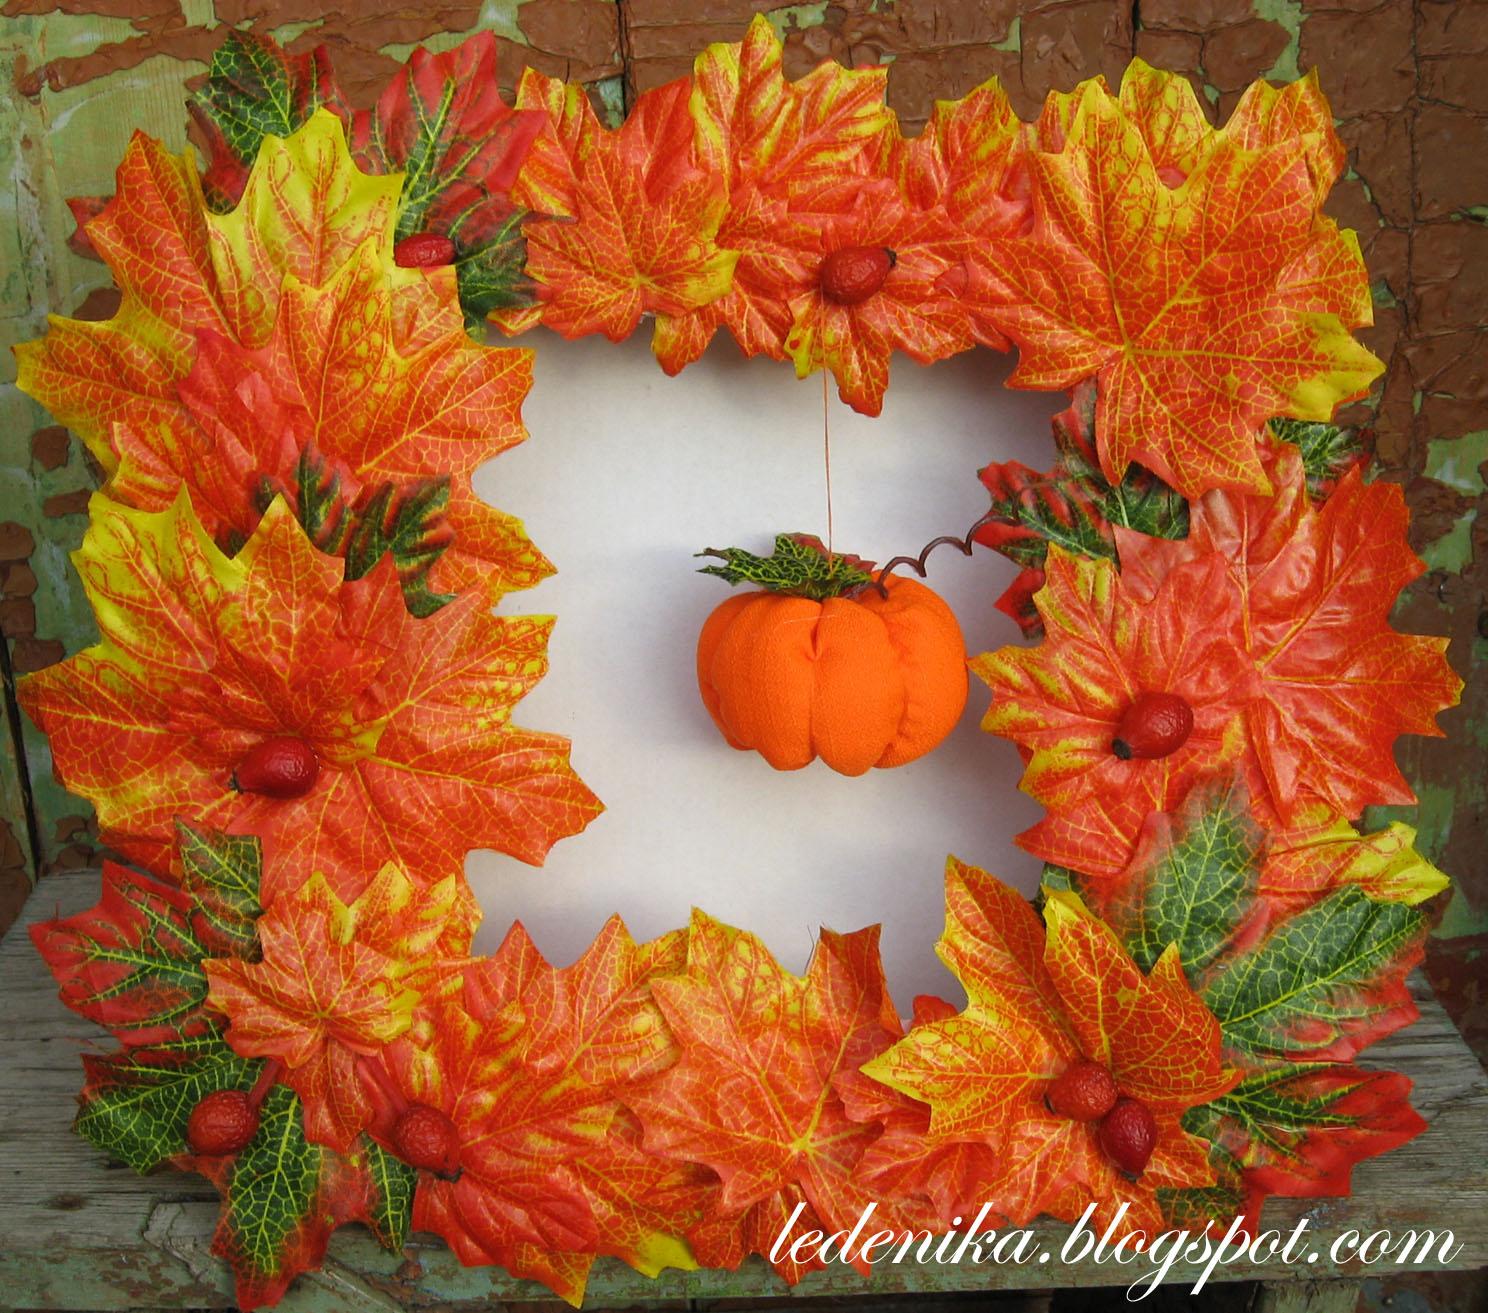 Осенние поделки: 25 идей для детского творчества и украшения интерьера 10